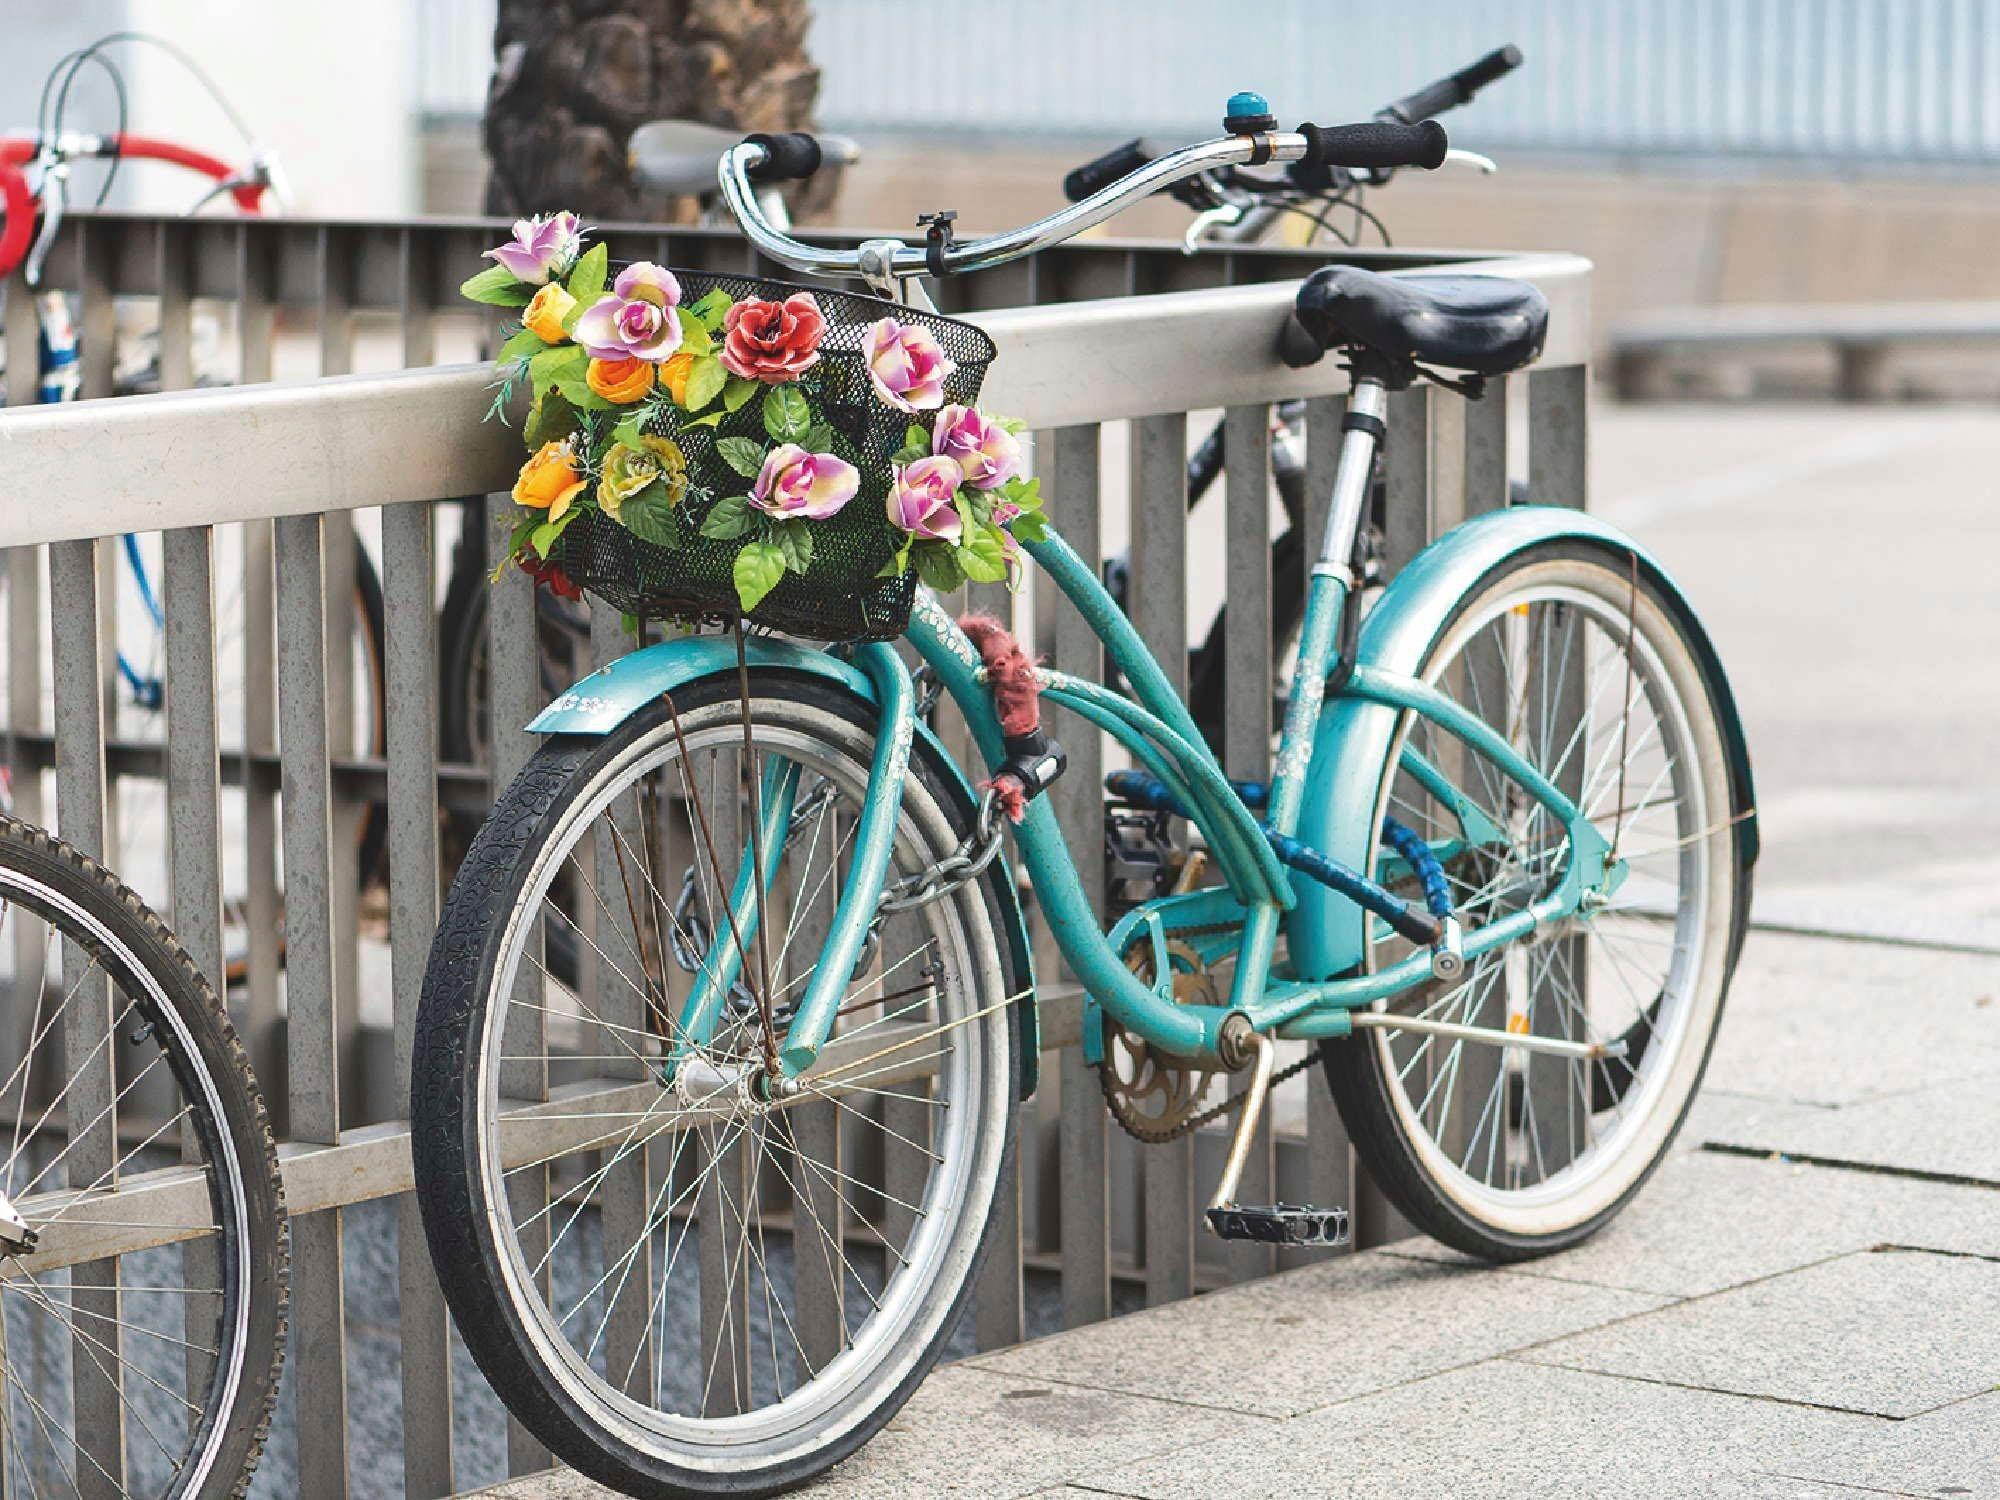 Kettenschutz Fahrrad Preisvergleich • Die besten Angebote online kaufen